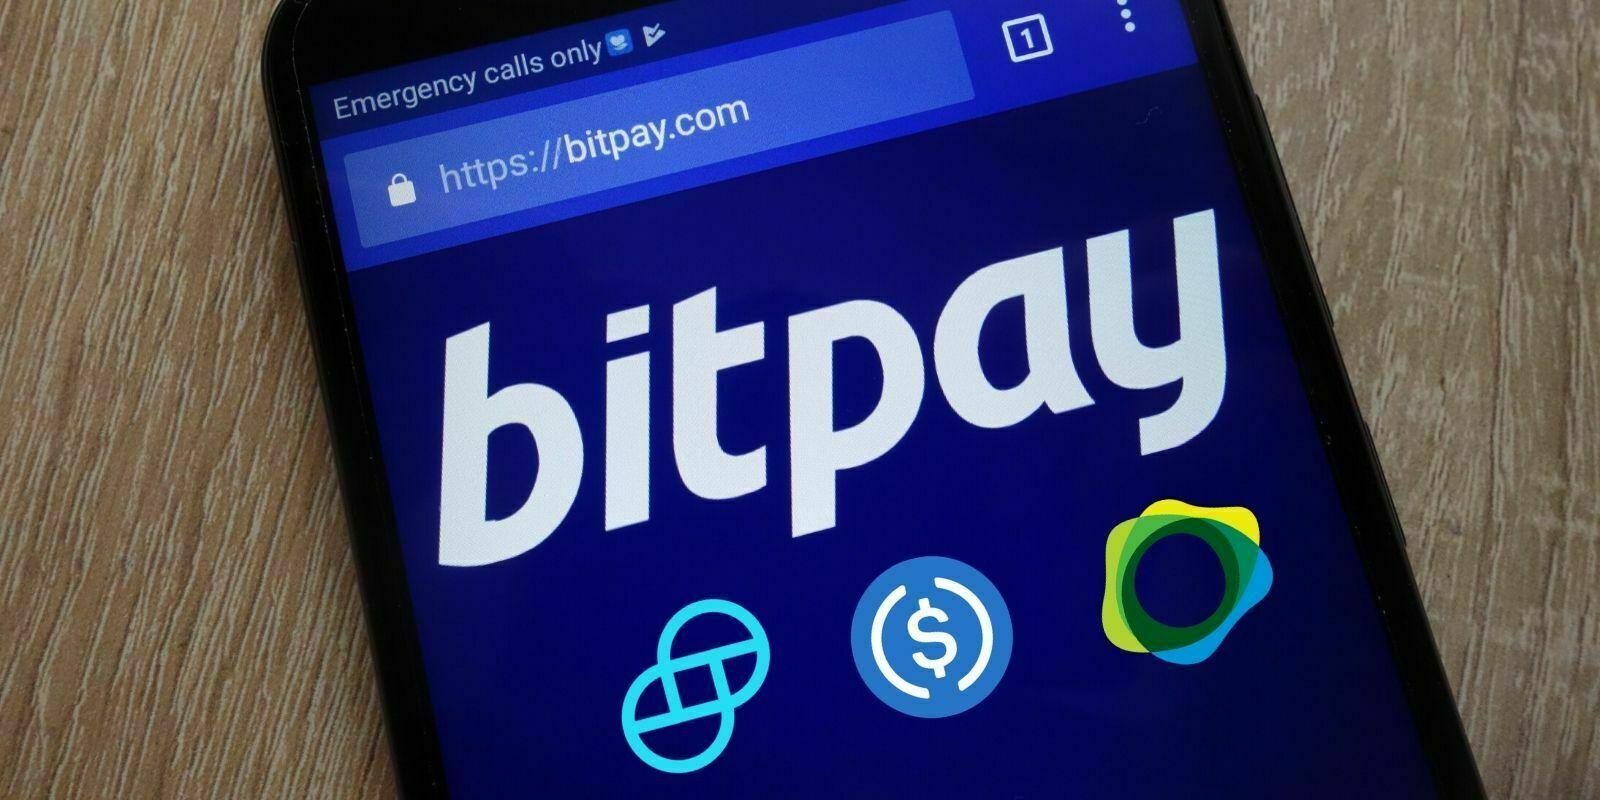 BitPay supporte maintenant les paiements avec 3 stablecoins : USDC, GUSD et PAX